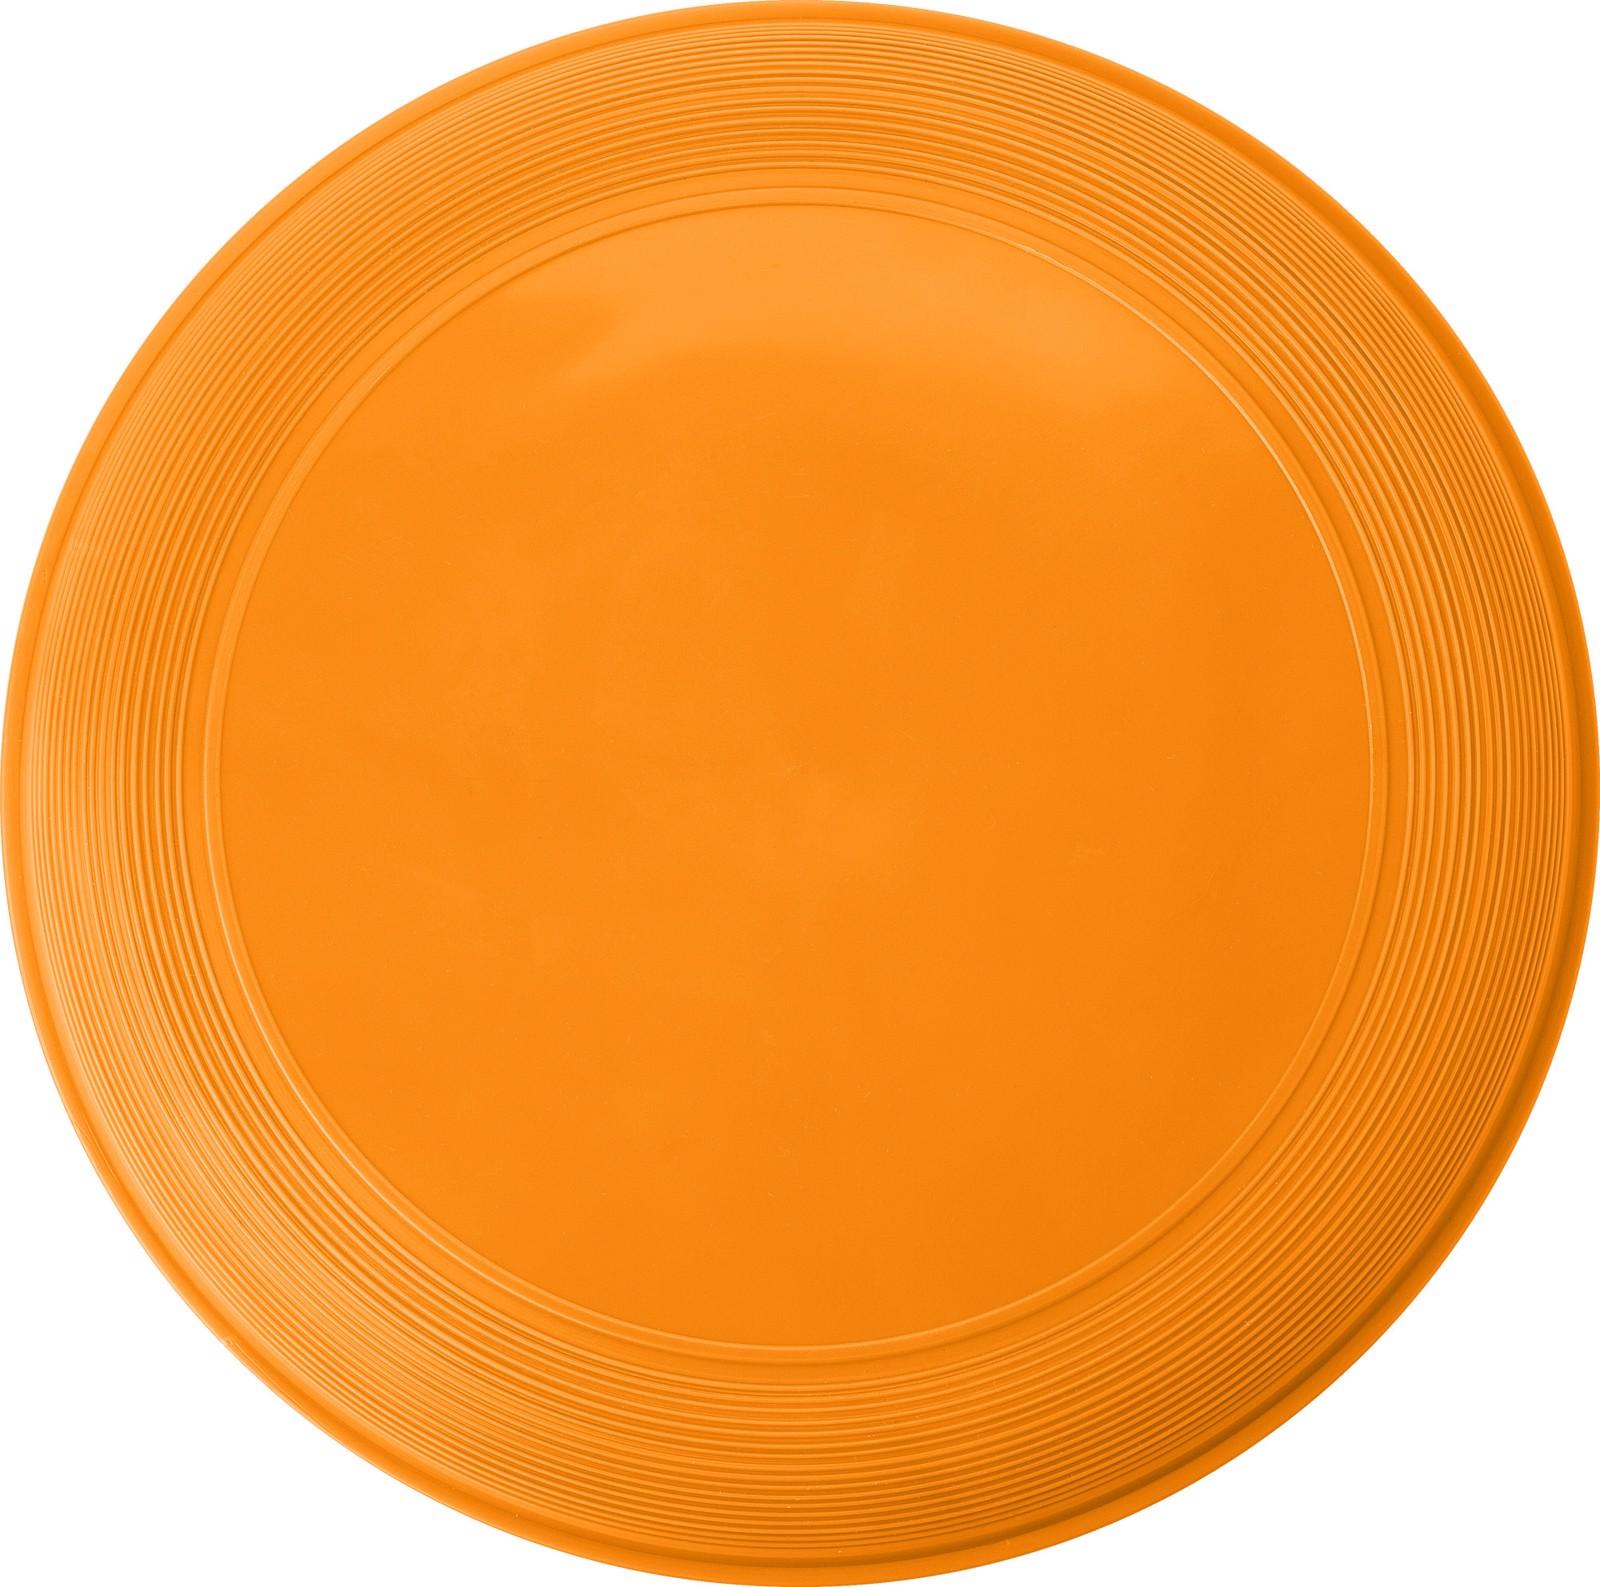 PP Frisbee - Orange